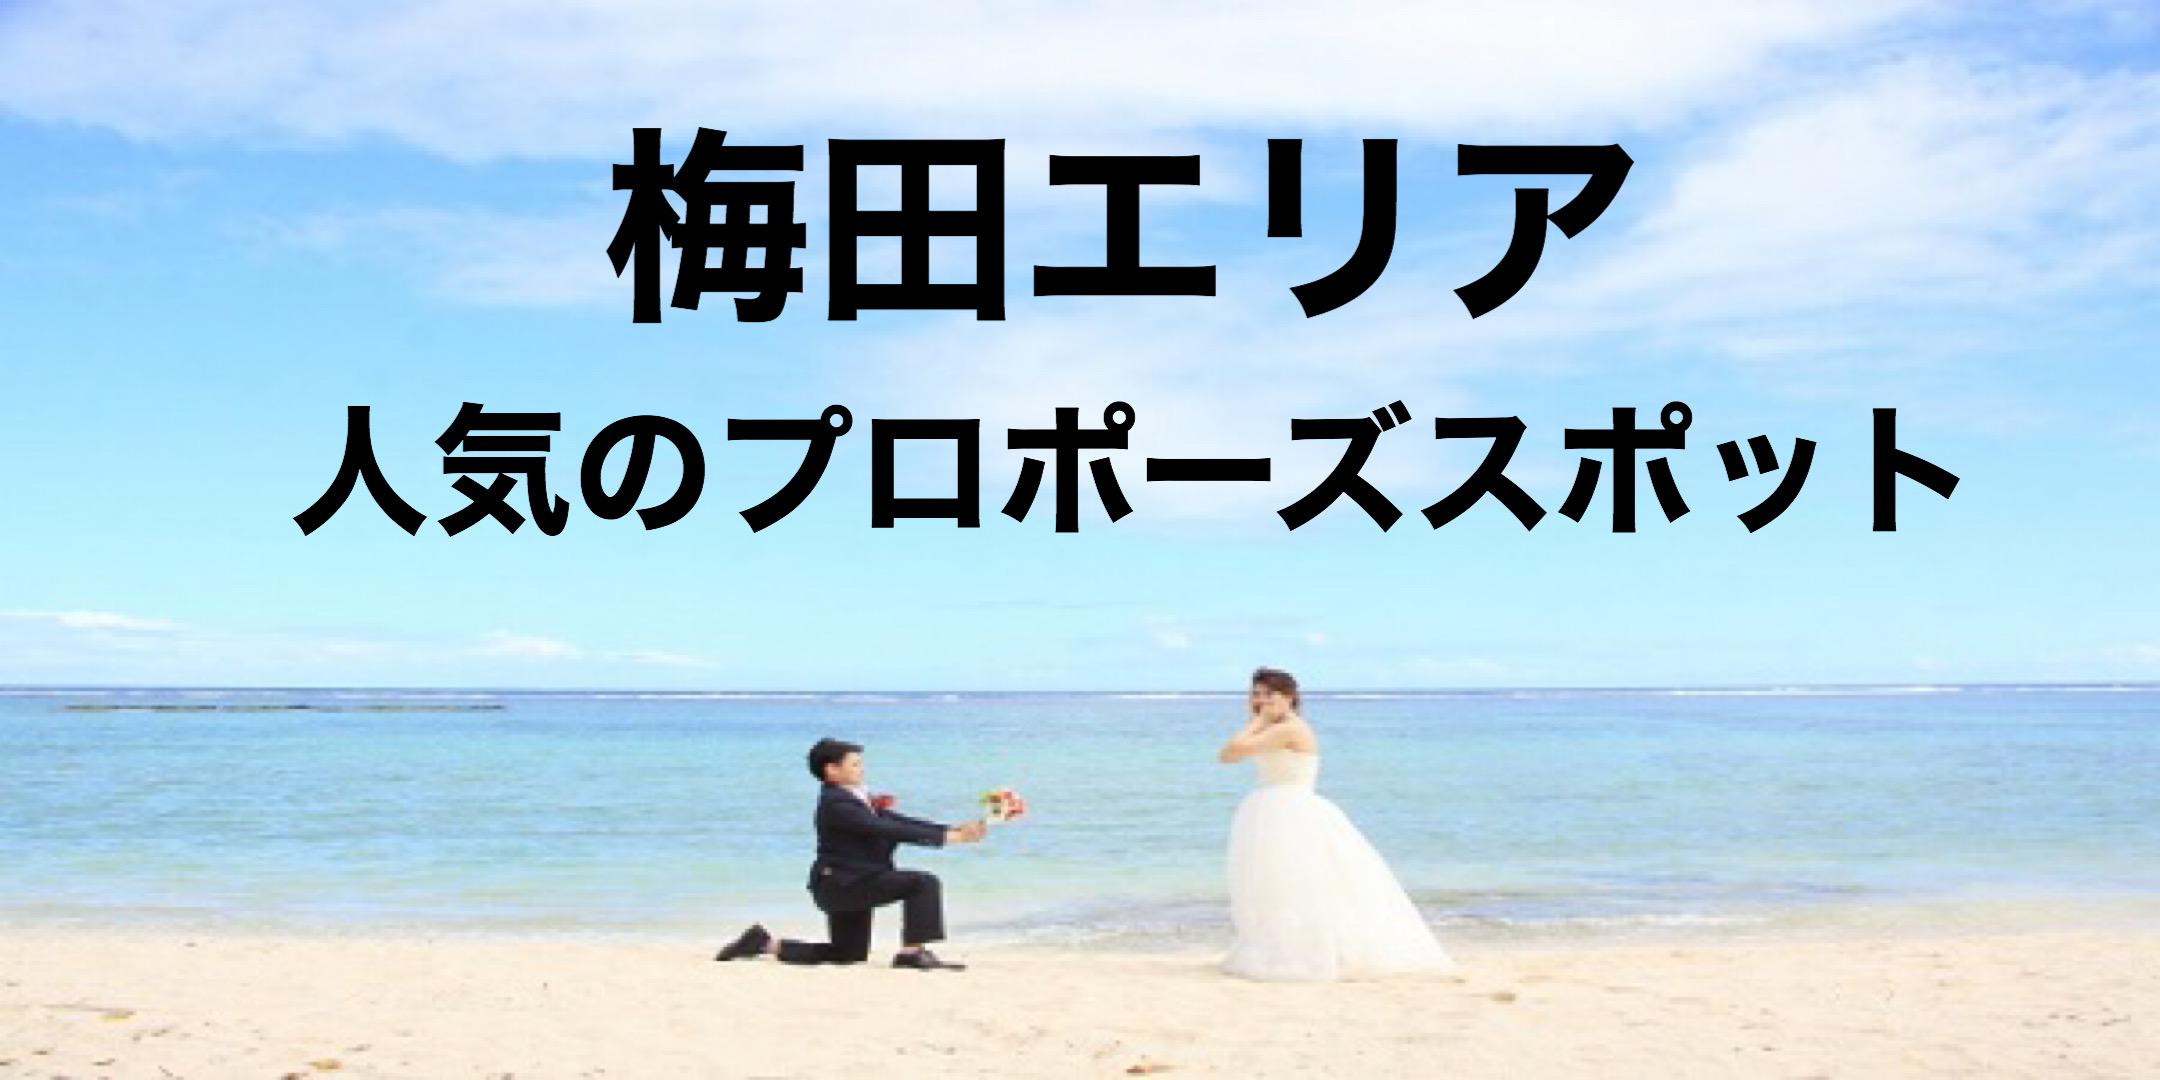 梅田エリア人気のプロポーズスポット